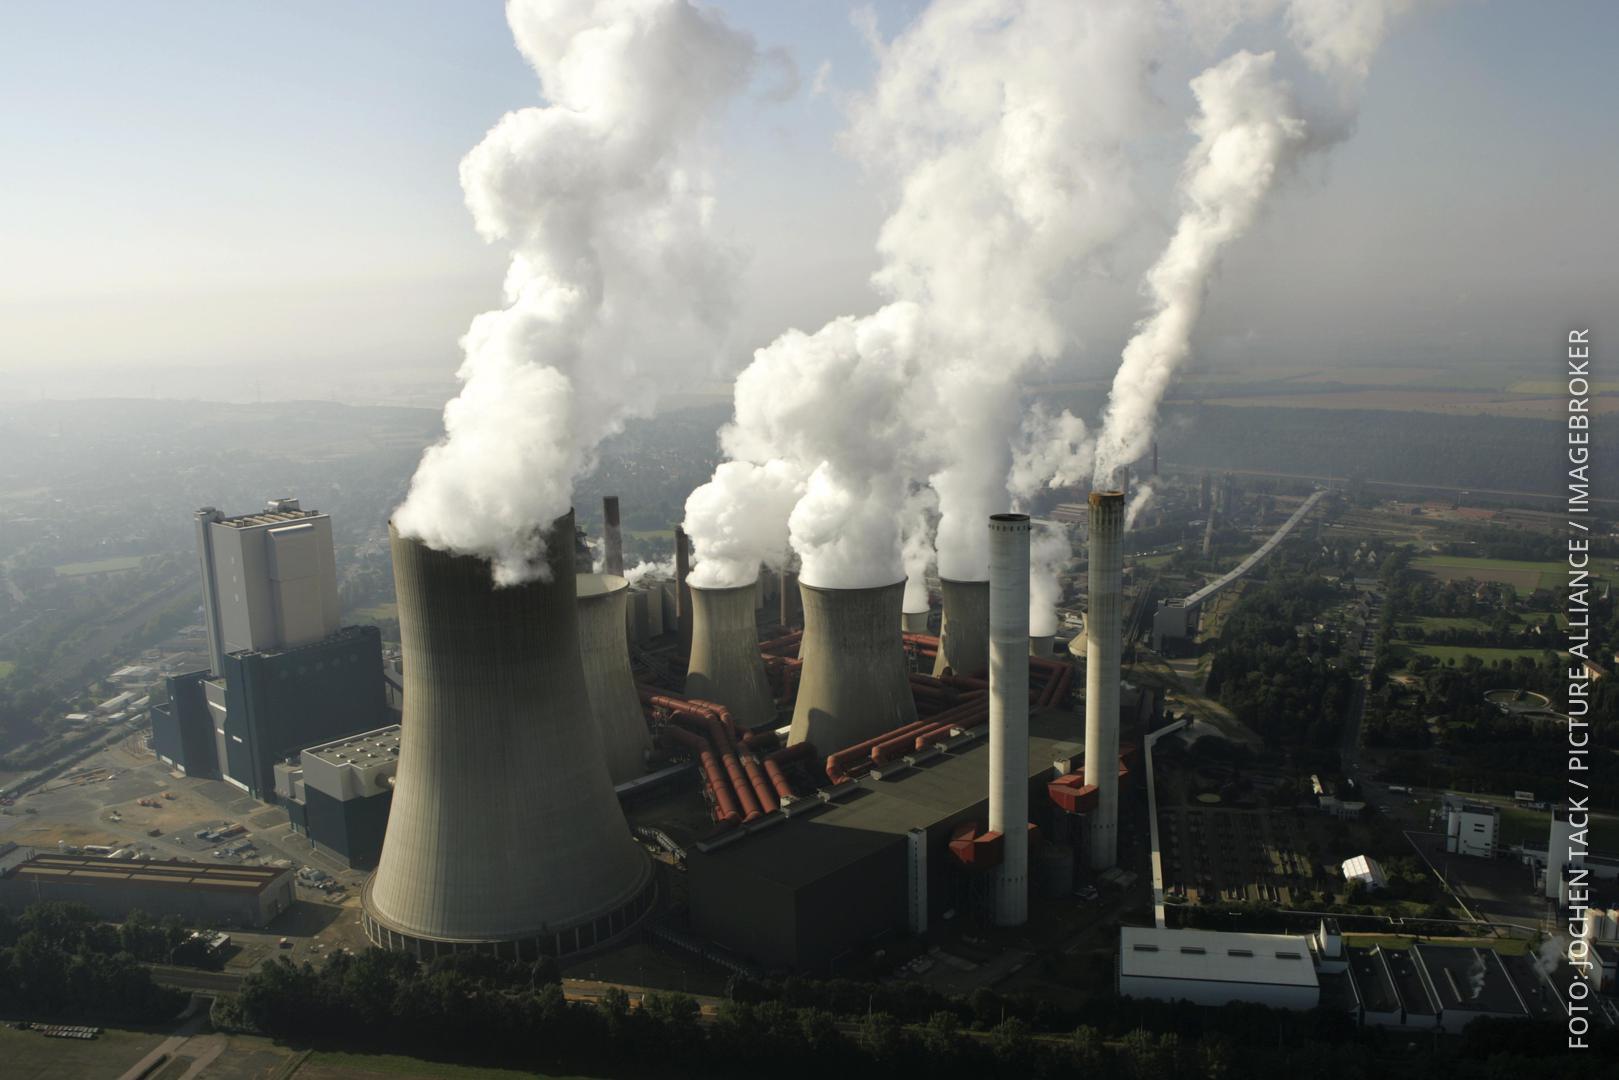 Luftaufnahme vom RWE Braunkohle Kraftwerk Niederaußem